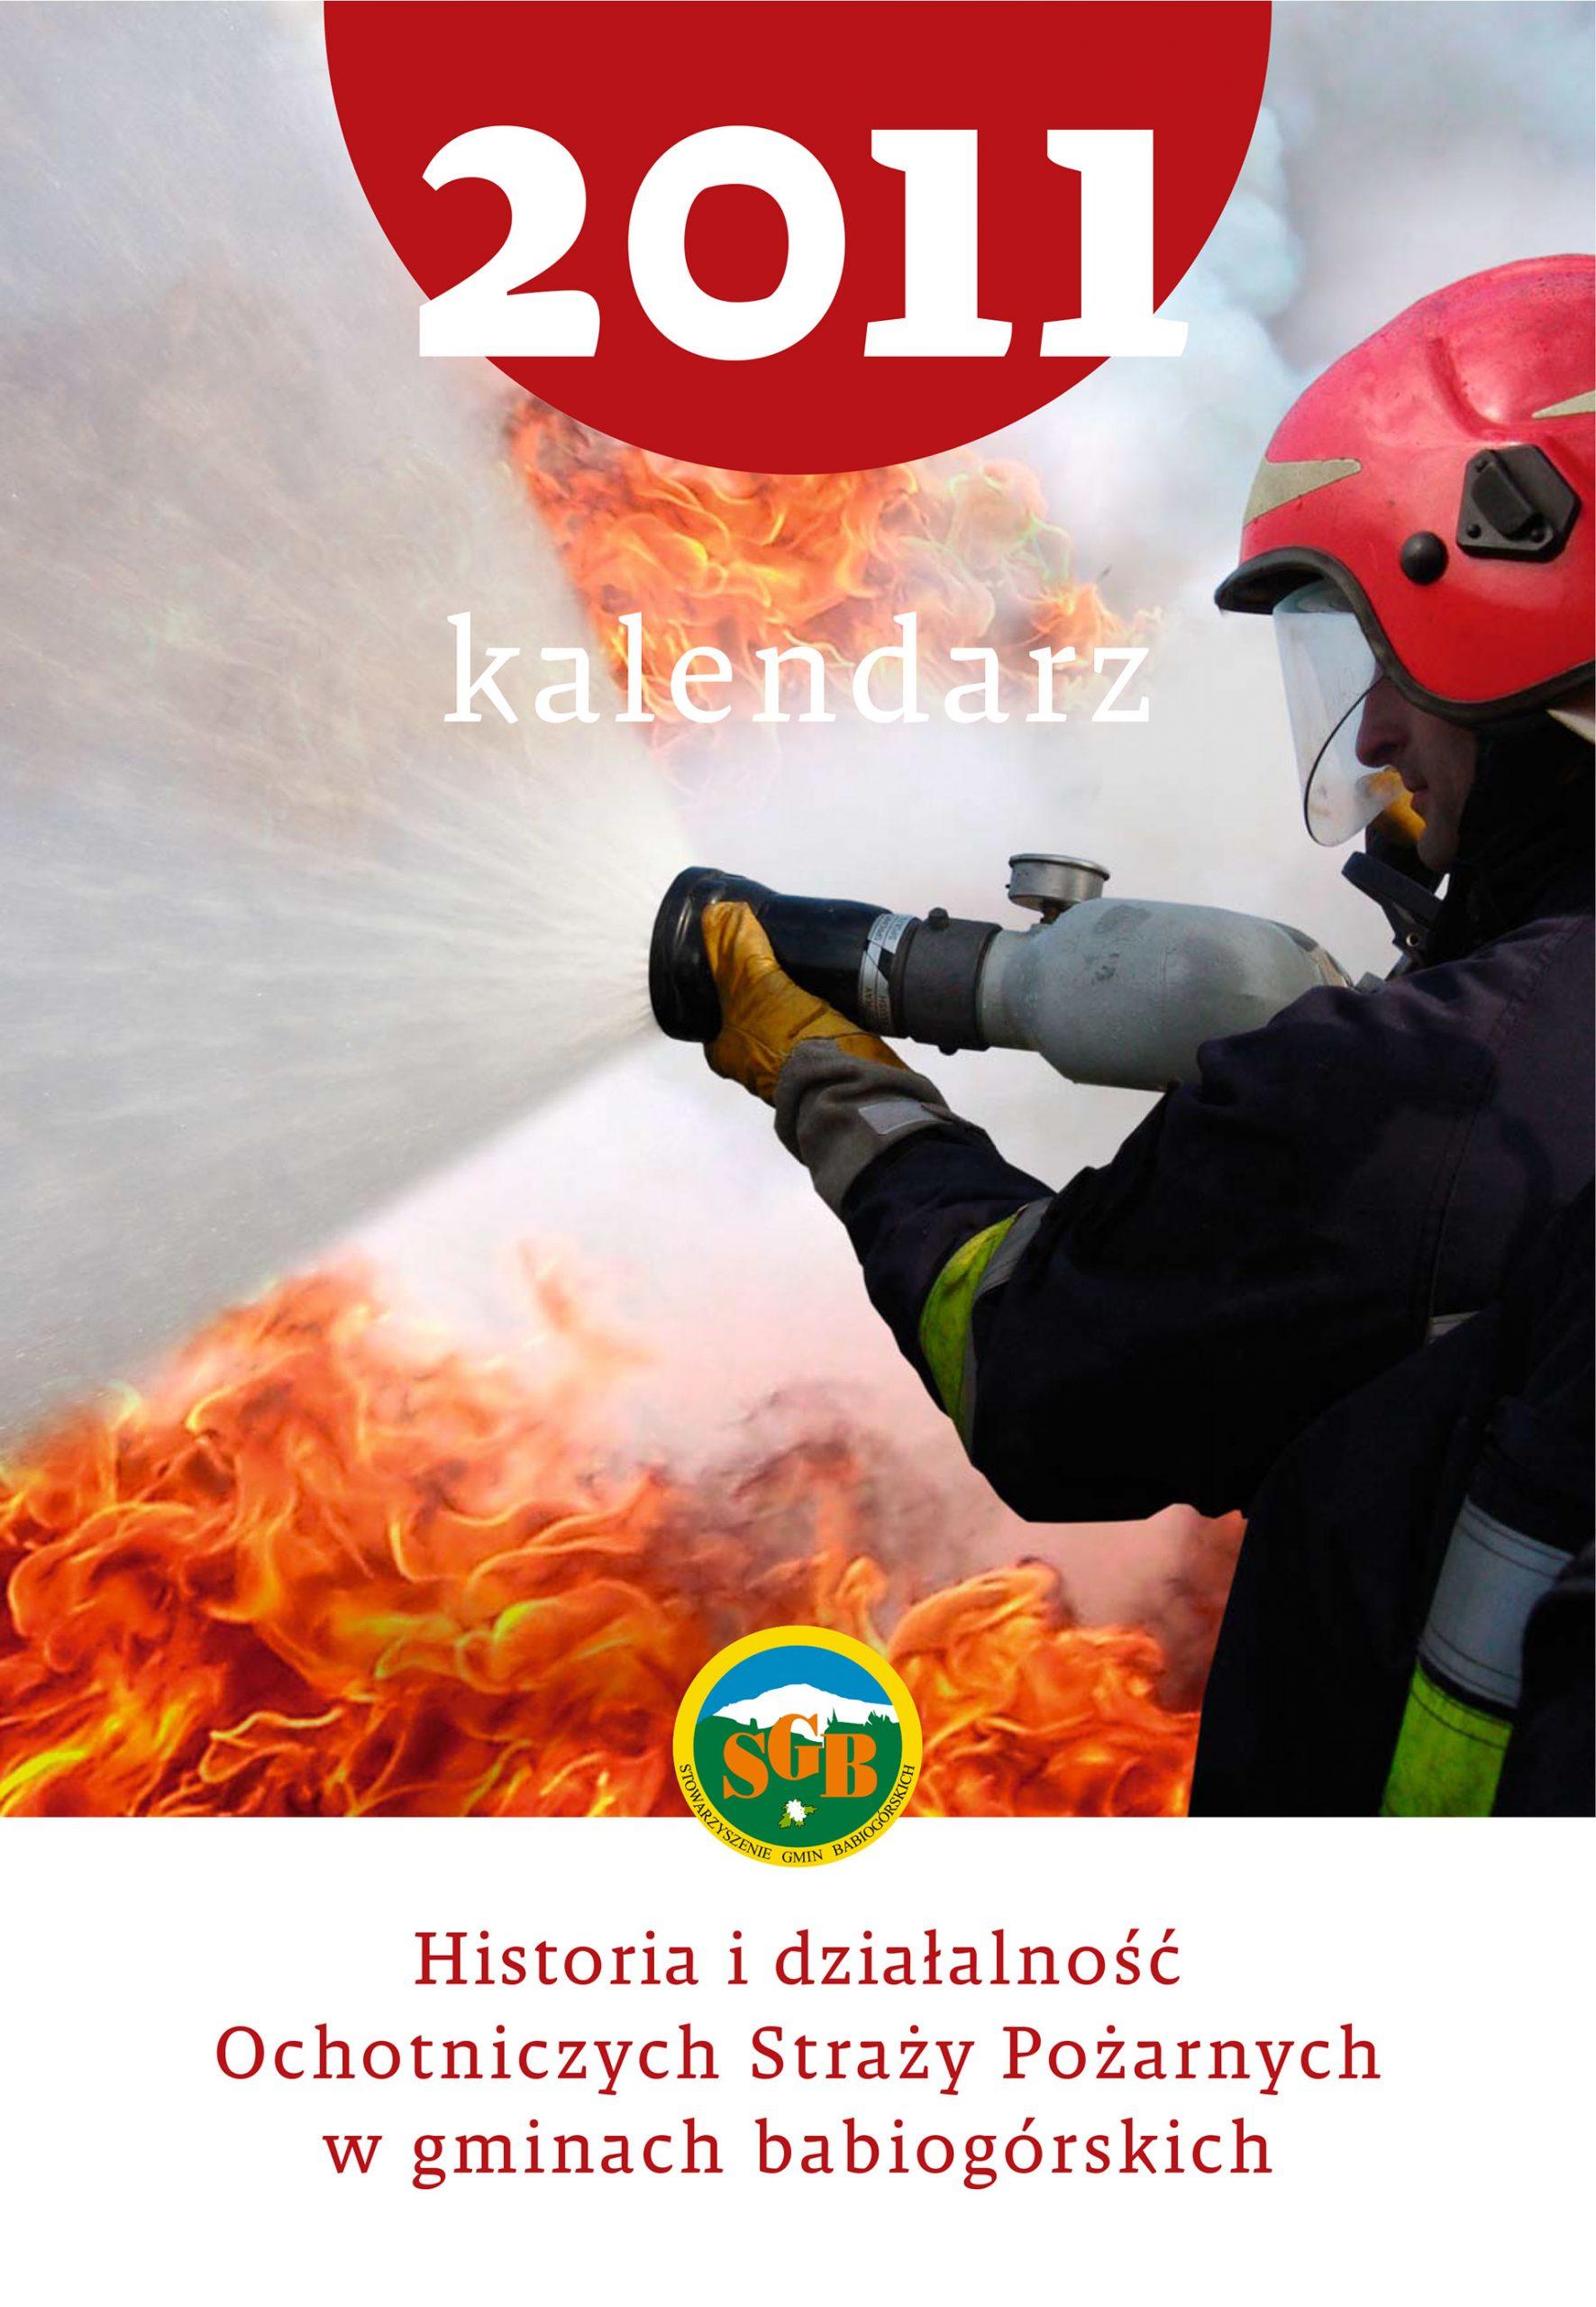 Kalendarz na rok 2011